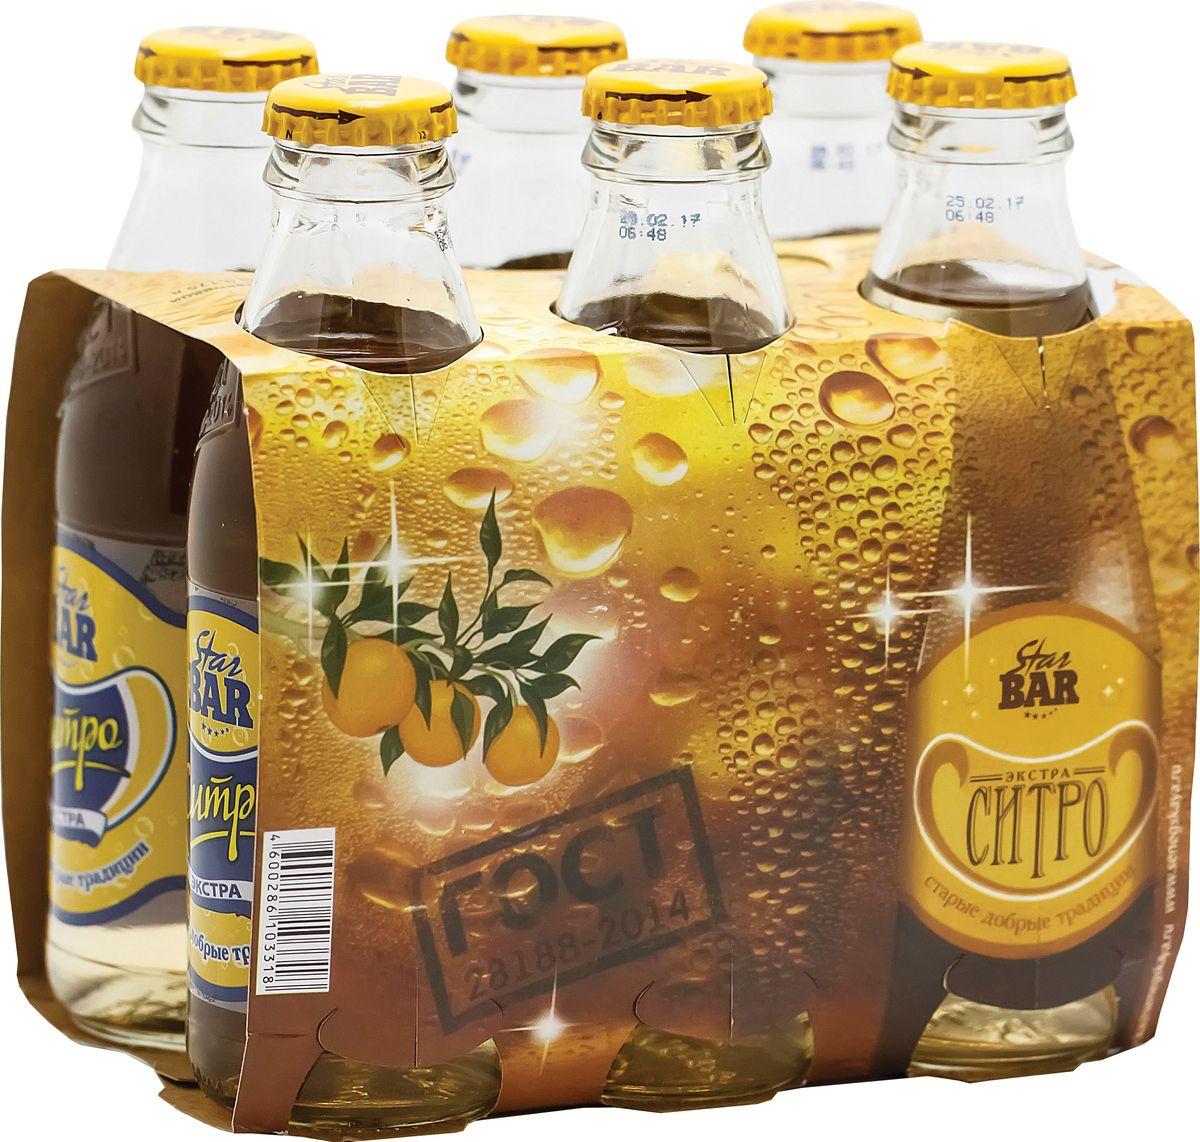 Star Bar Лимонад экстра-ситро, 6 шт по 0,175 л экстра ситро напиток безалкогольный сильногазированный 2 л